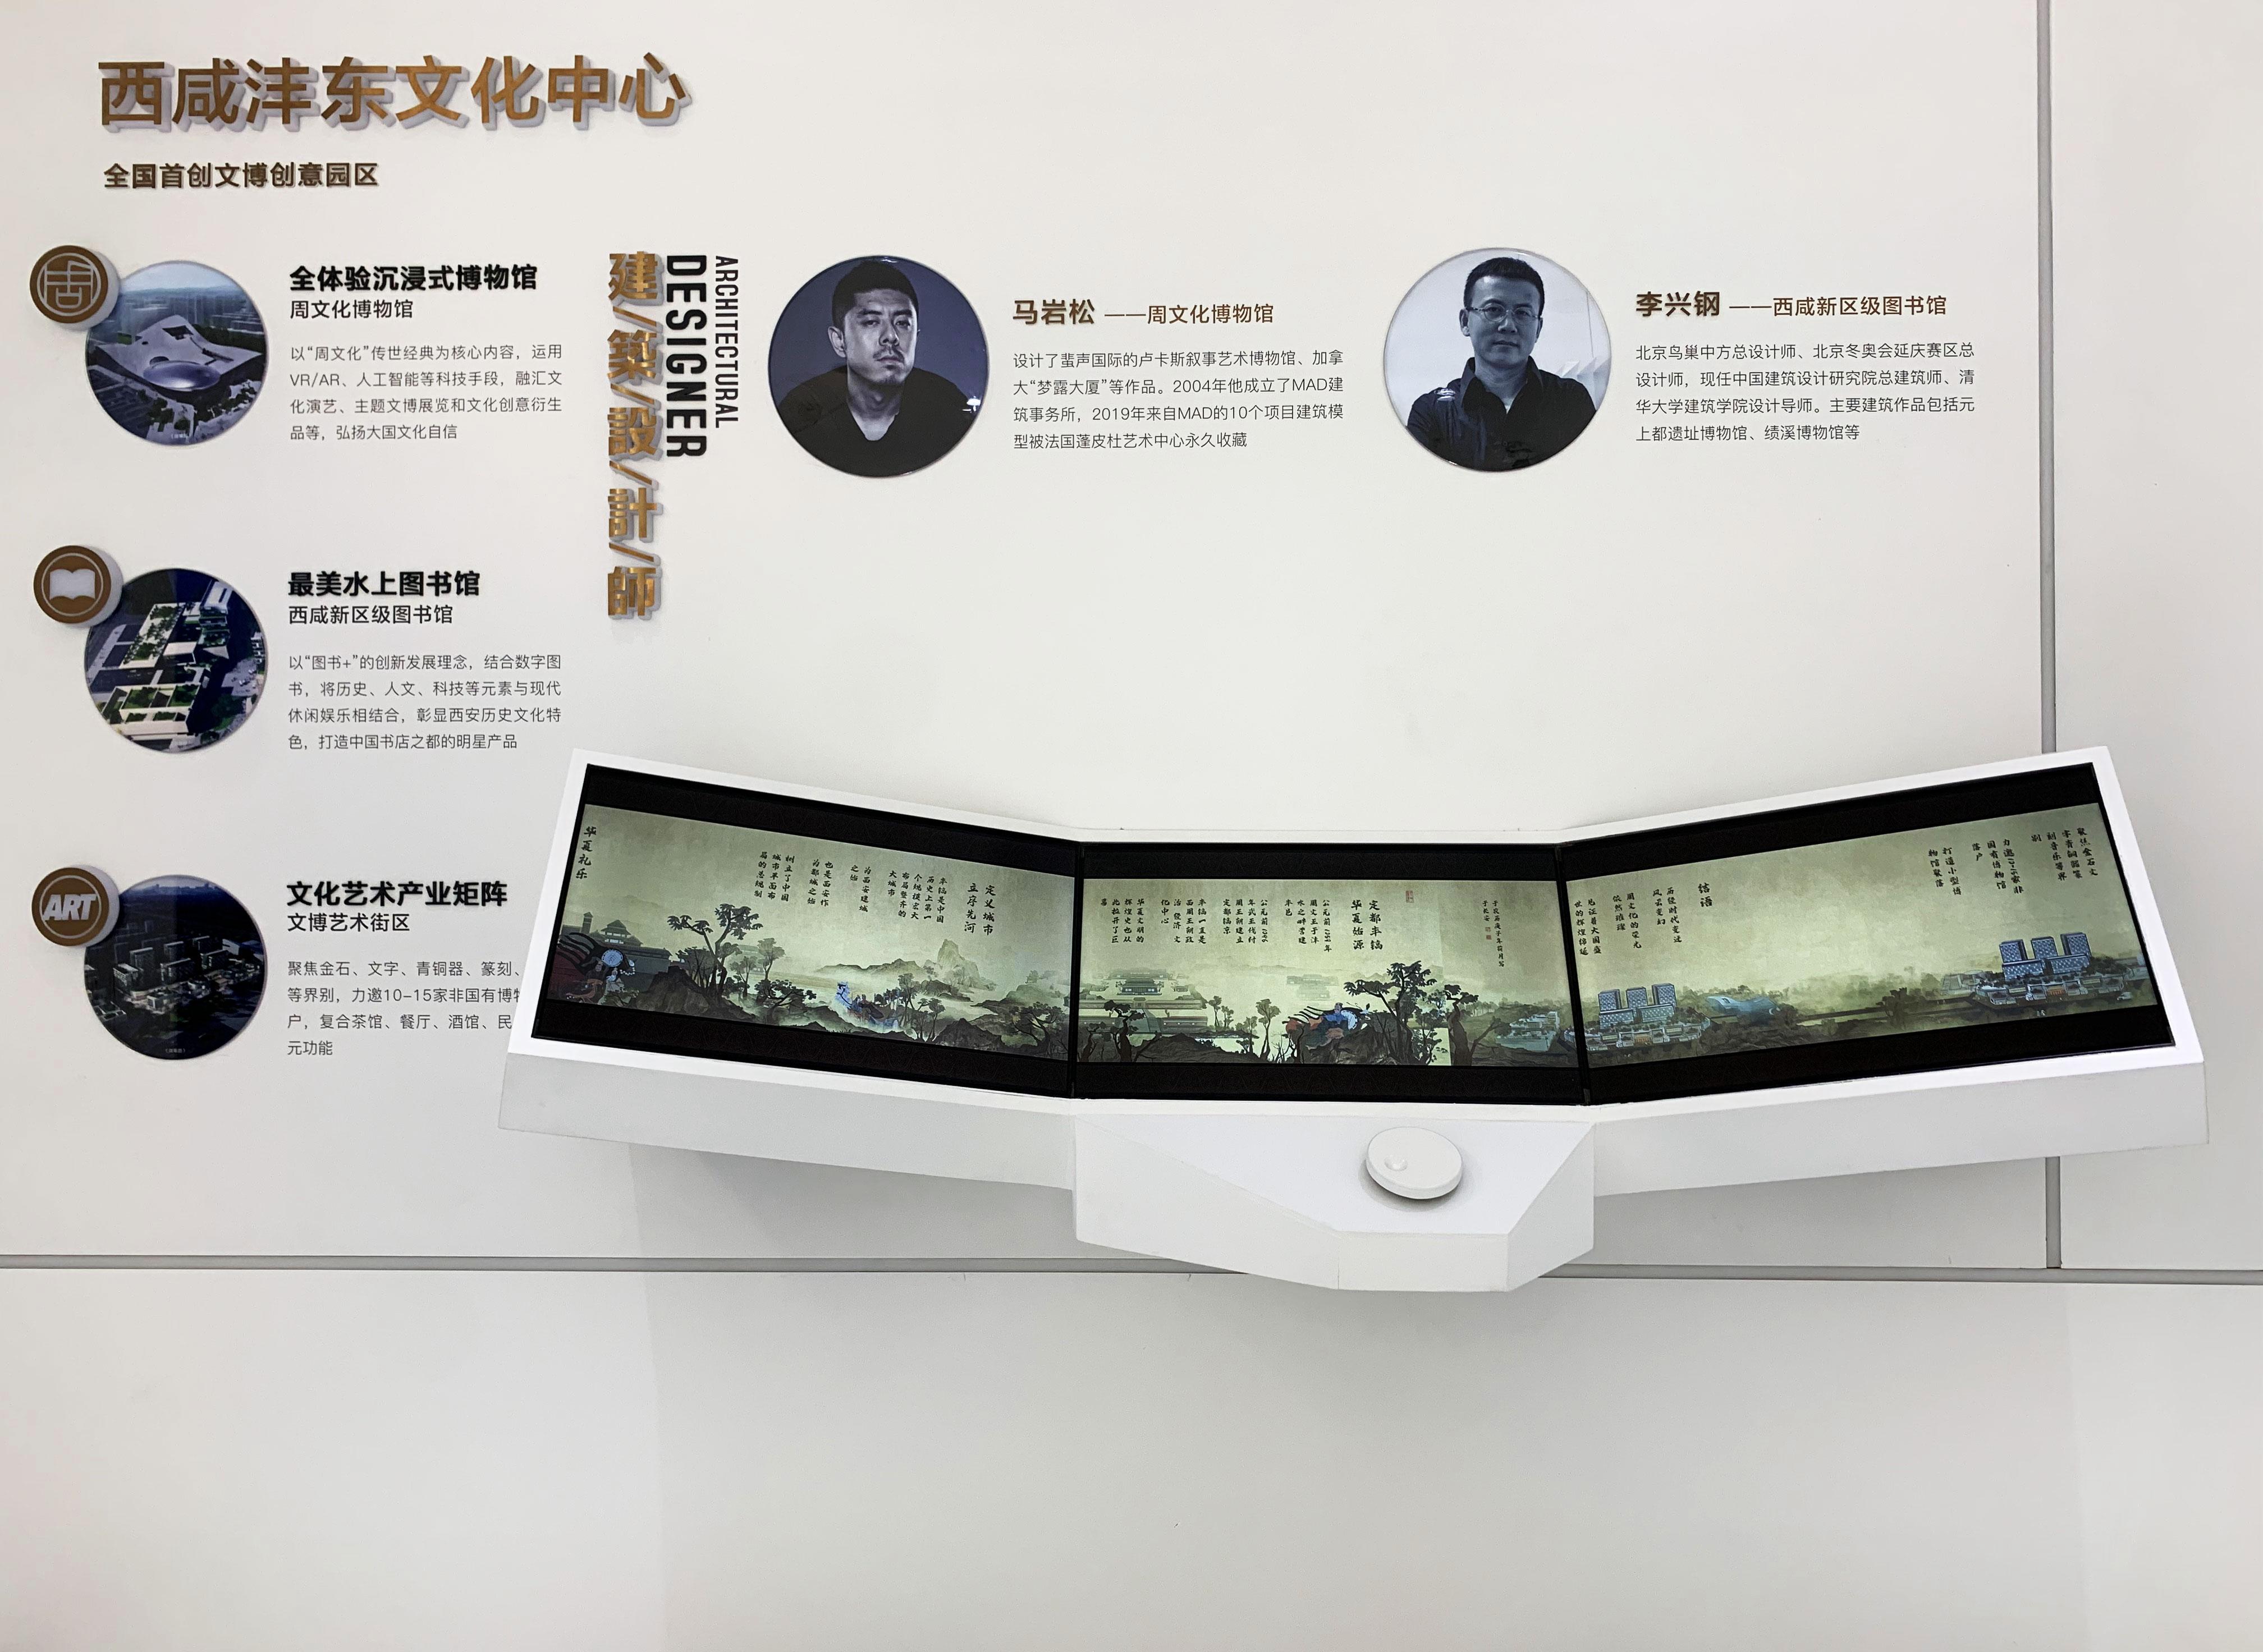 文旅融合 创想一城丨沣东华侨城品牌馆精彩亮相